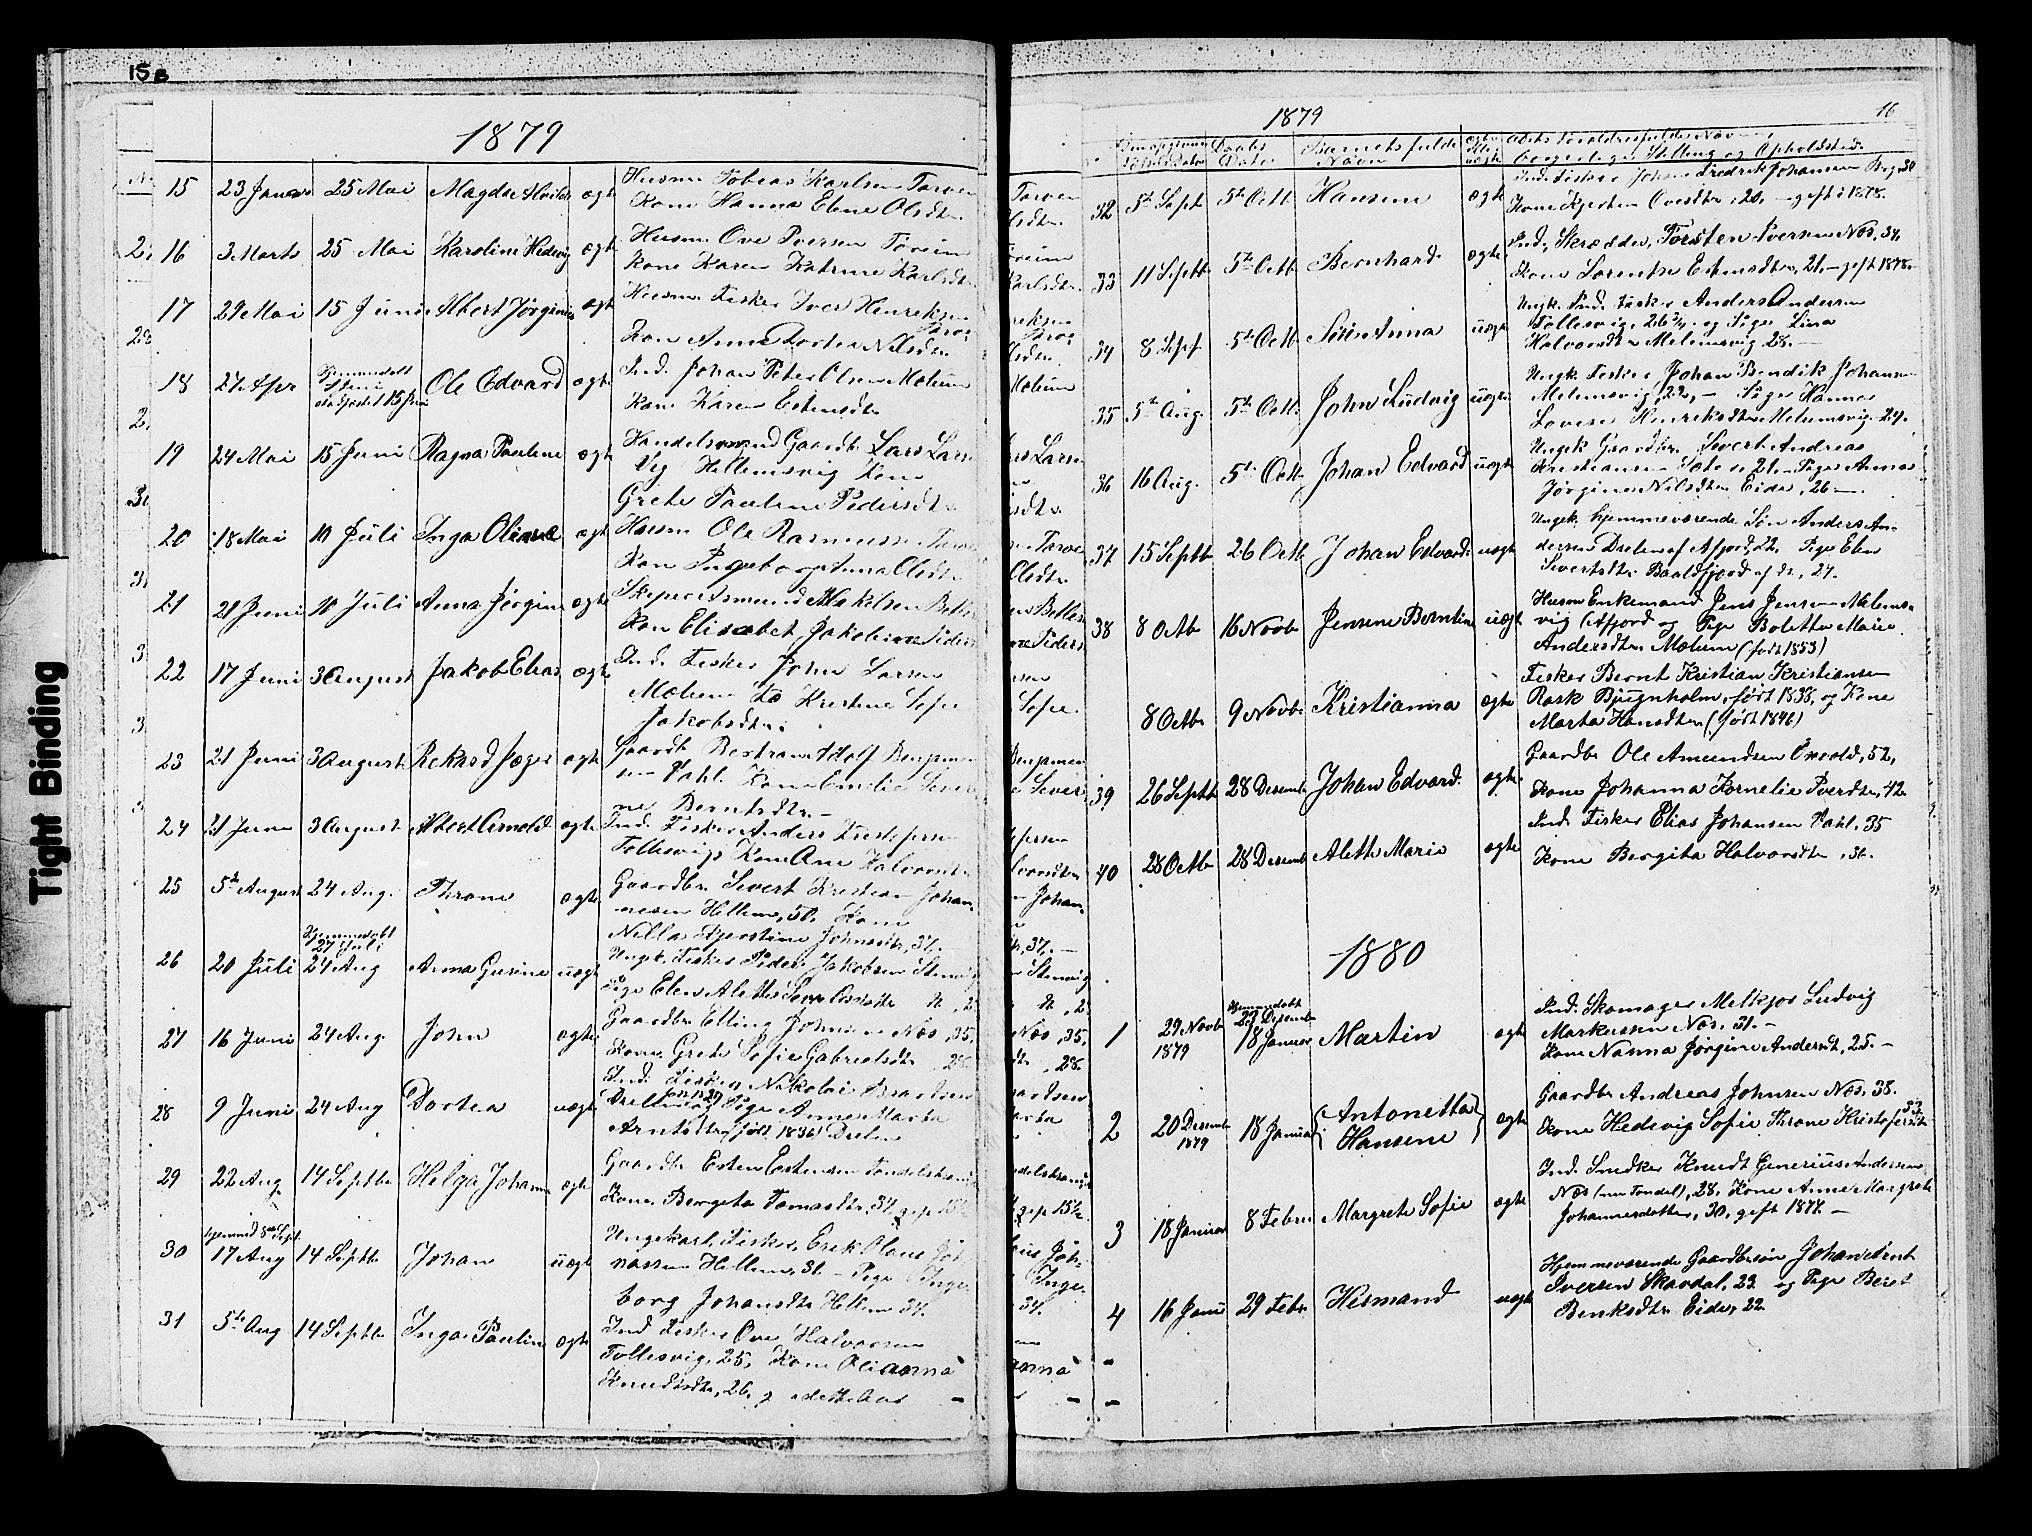 SAT, Ministerialprotokoller, klokkerbøker og fødselsregistre - Sør-Trøndelag, 652/L0653: Klokkerbok nr. 652C01, 1866-1910, s. 16